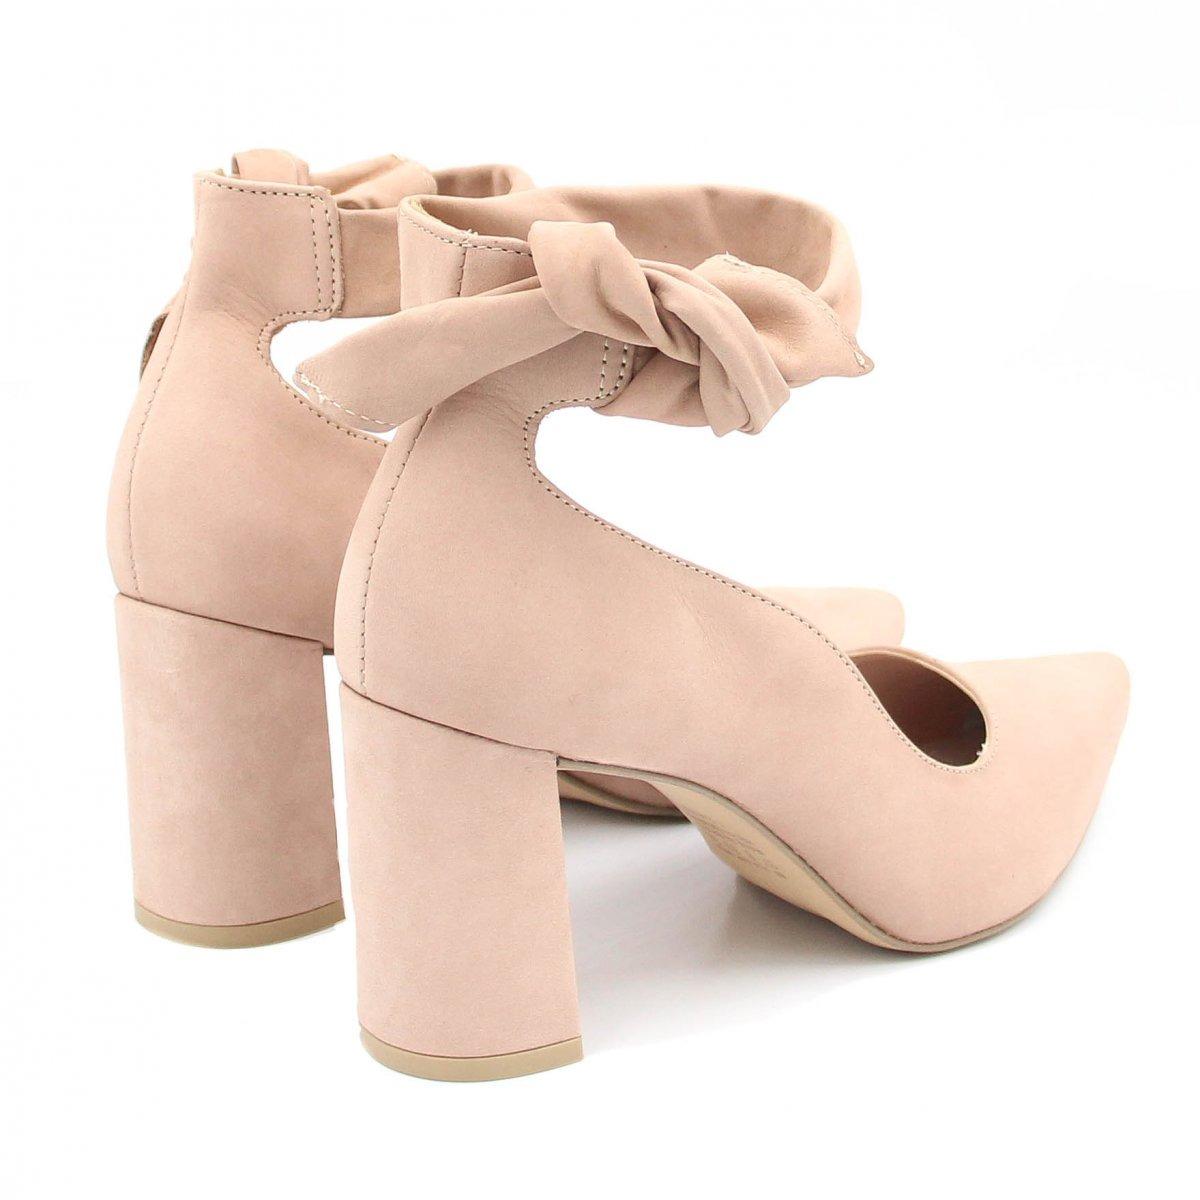 700c5501c Sapato Tanara Scarpin Couro Nó | Zariff - R$ 244,99 em Mercado Livre